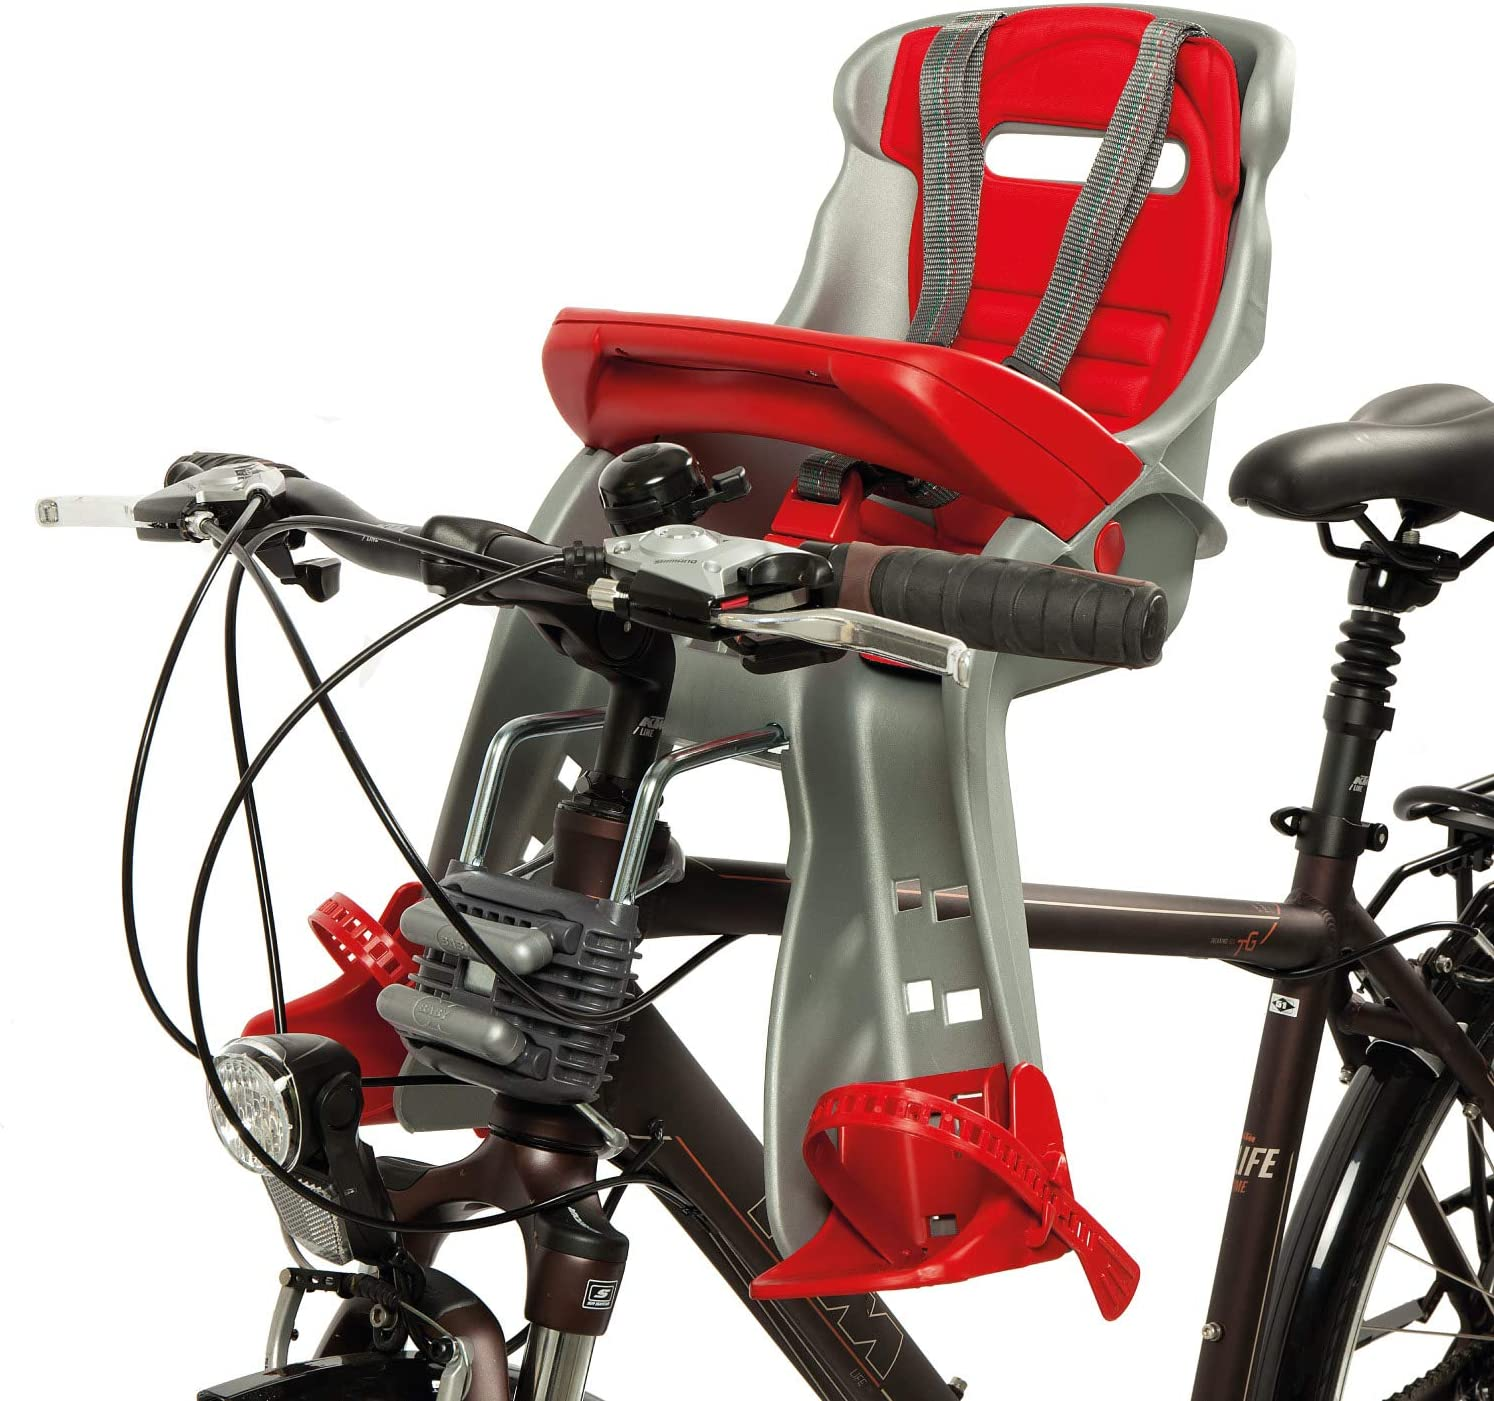 Okbaby Orion Montaje Frontal - Asientos para Bicicleta de niño (450 mm, 330 mm, 540 mm, 2,2 kg): Amazon.es: Deportes y aire libre